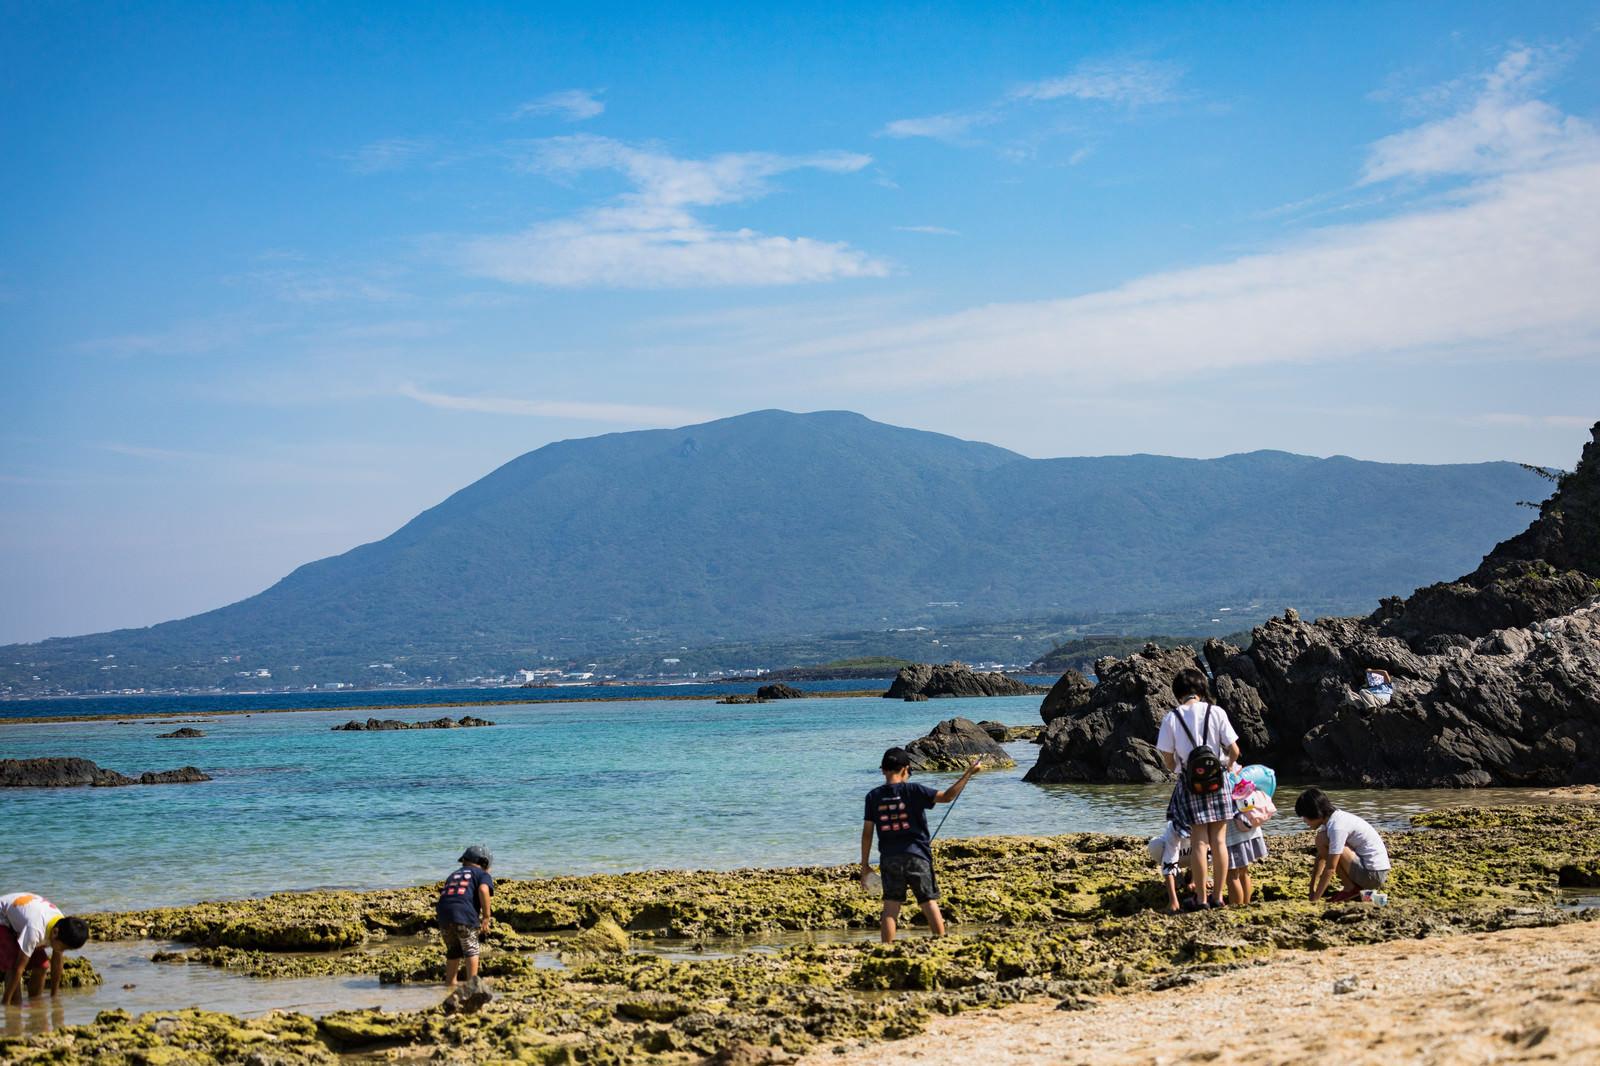 「海開きした徳之島畦(アゼ)プリンスビーチ | 写真の無料素材・フリー素材 - ぱくたそ」の写真